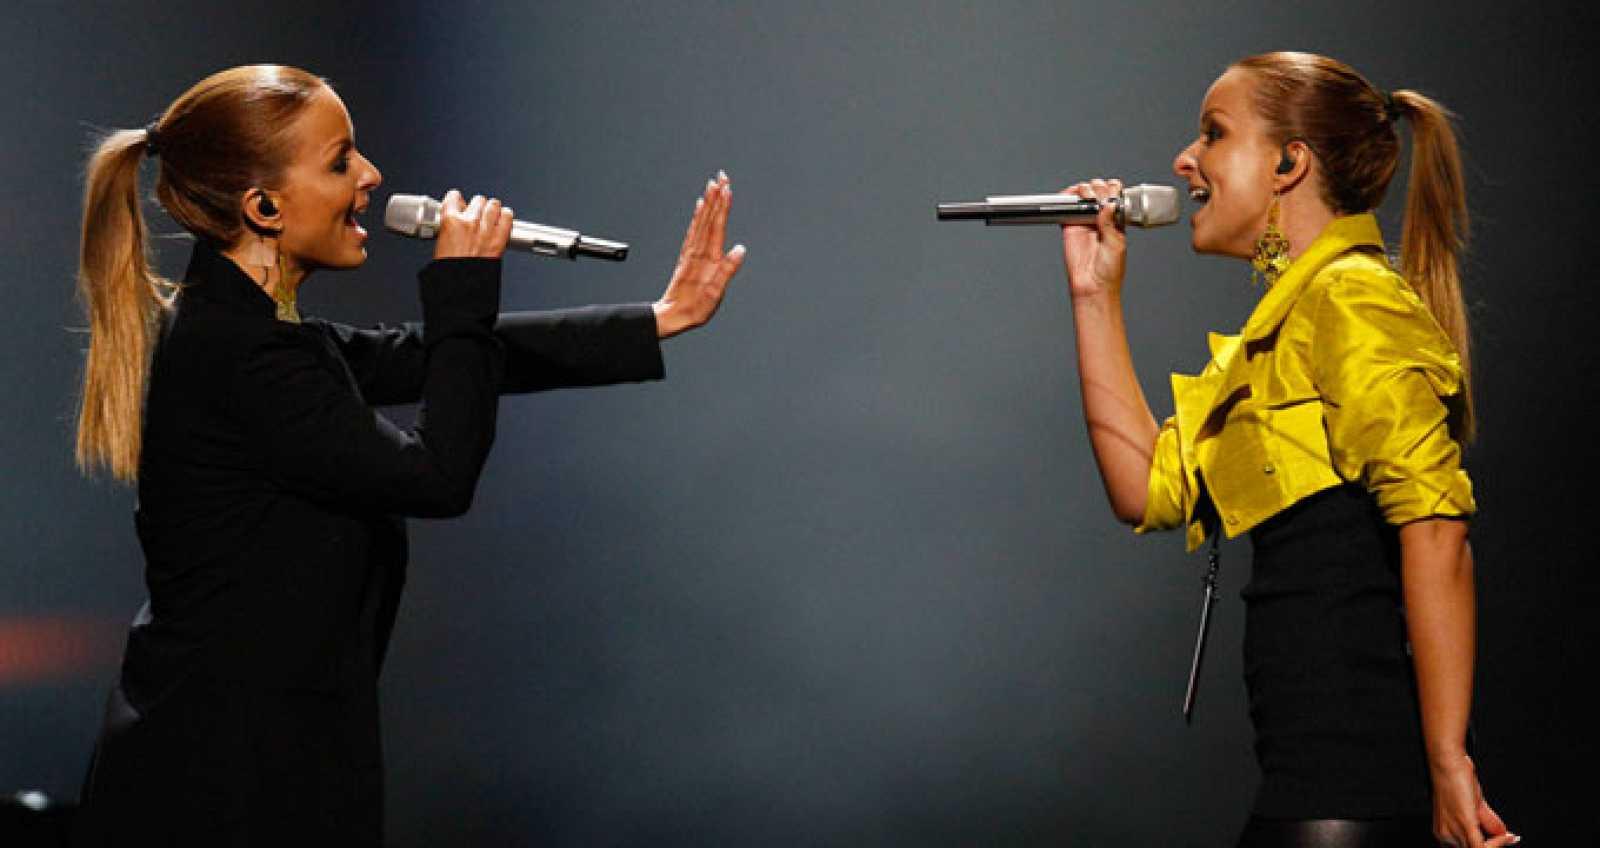 Eurovisión 2011 - 2ª semifinal - Eslovaquia